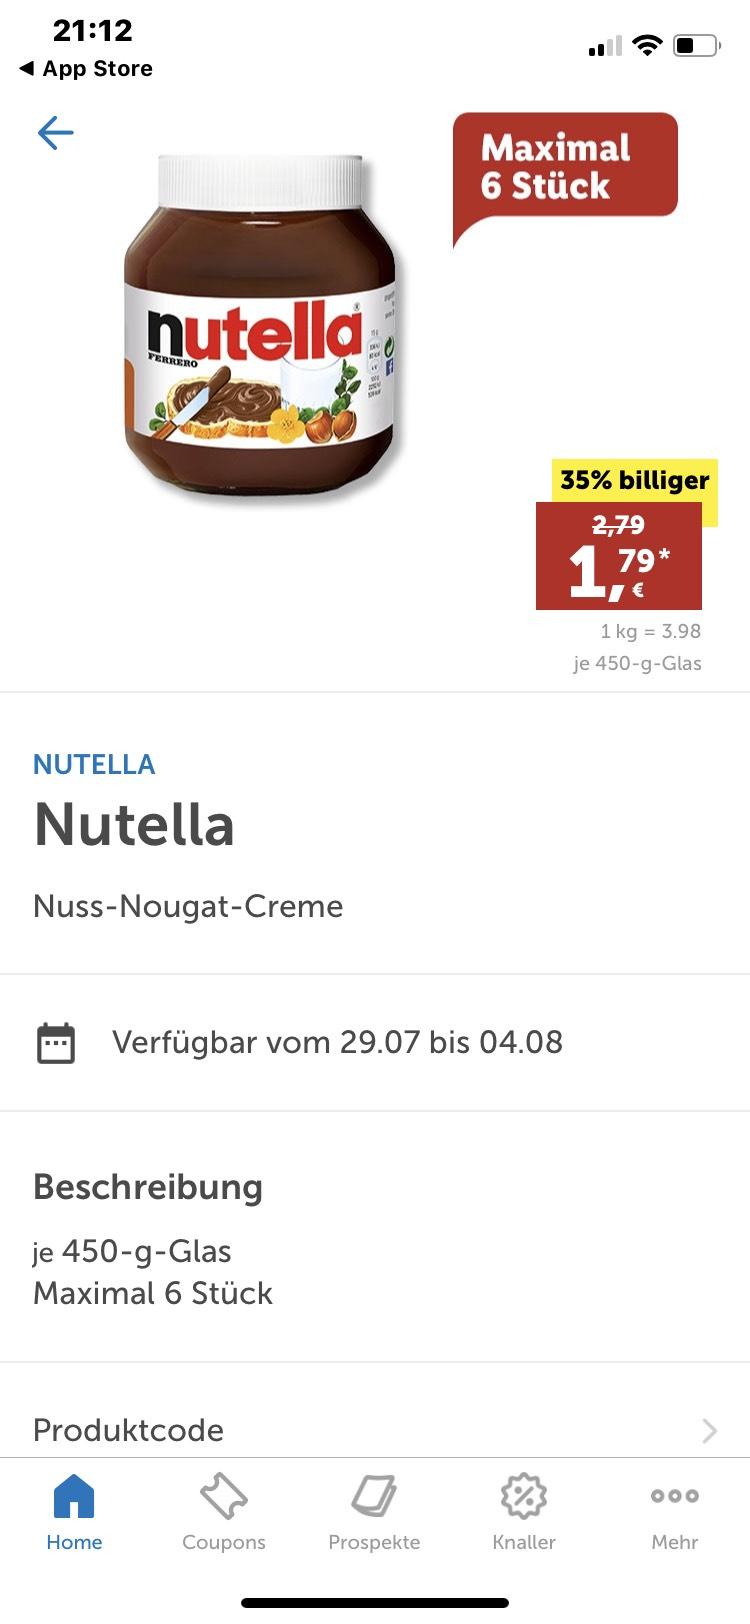 Nutella 450gr bei Lidl in der App - mydealz de